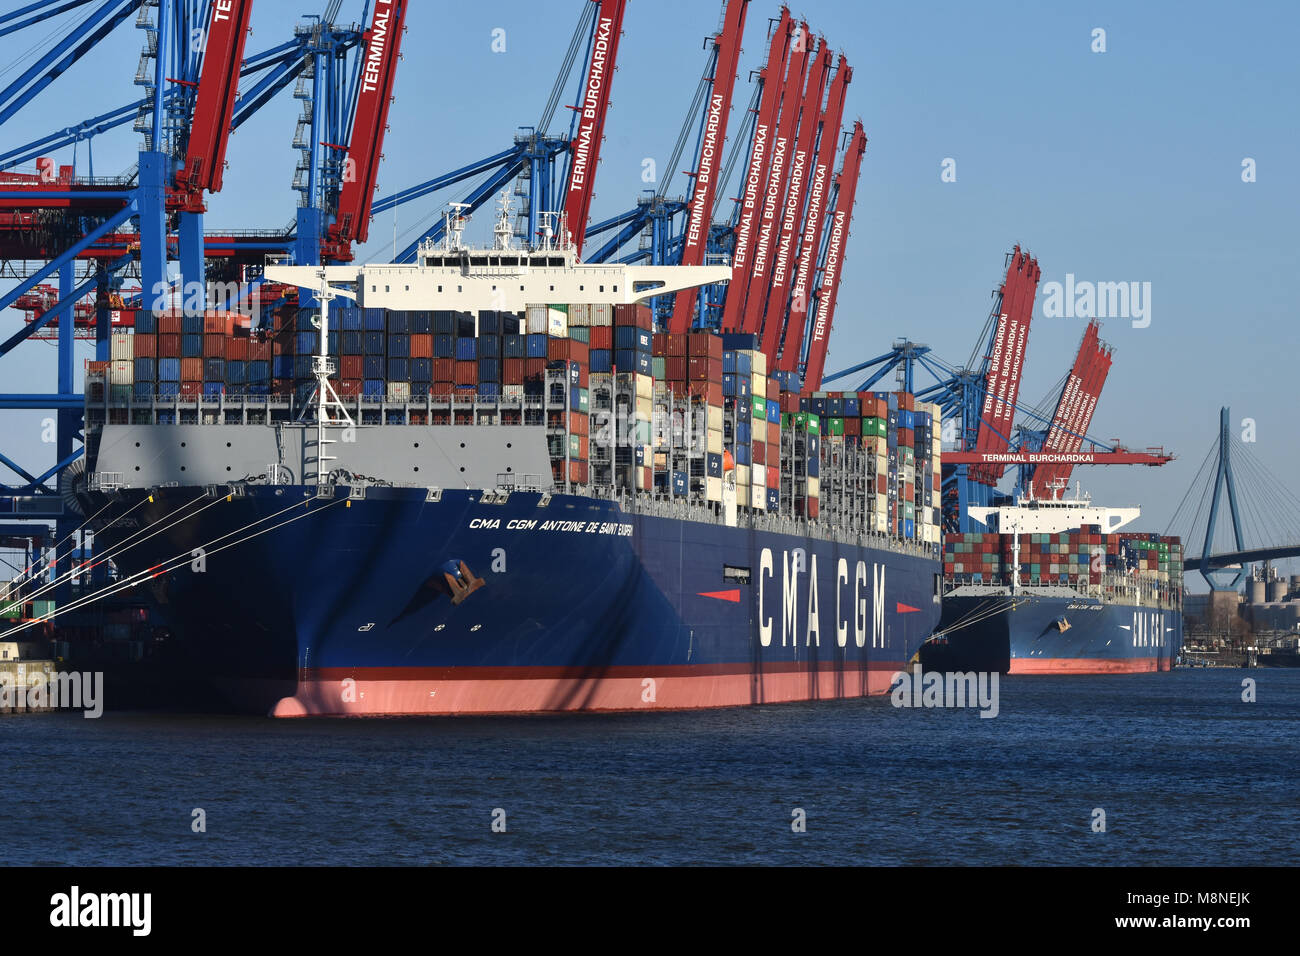 CMA CGM Antoine de Saint Exupery - Stock Image